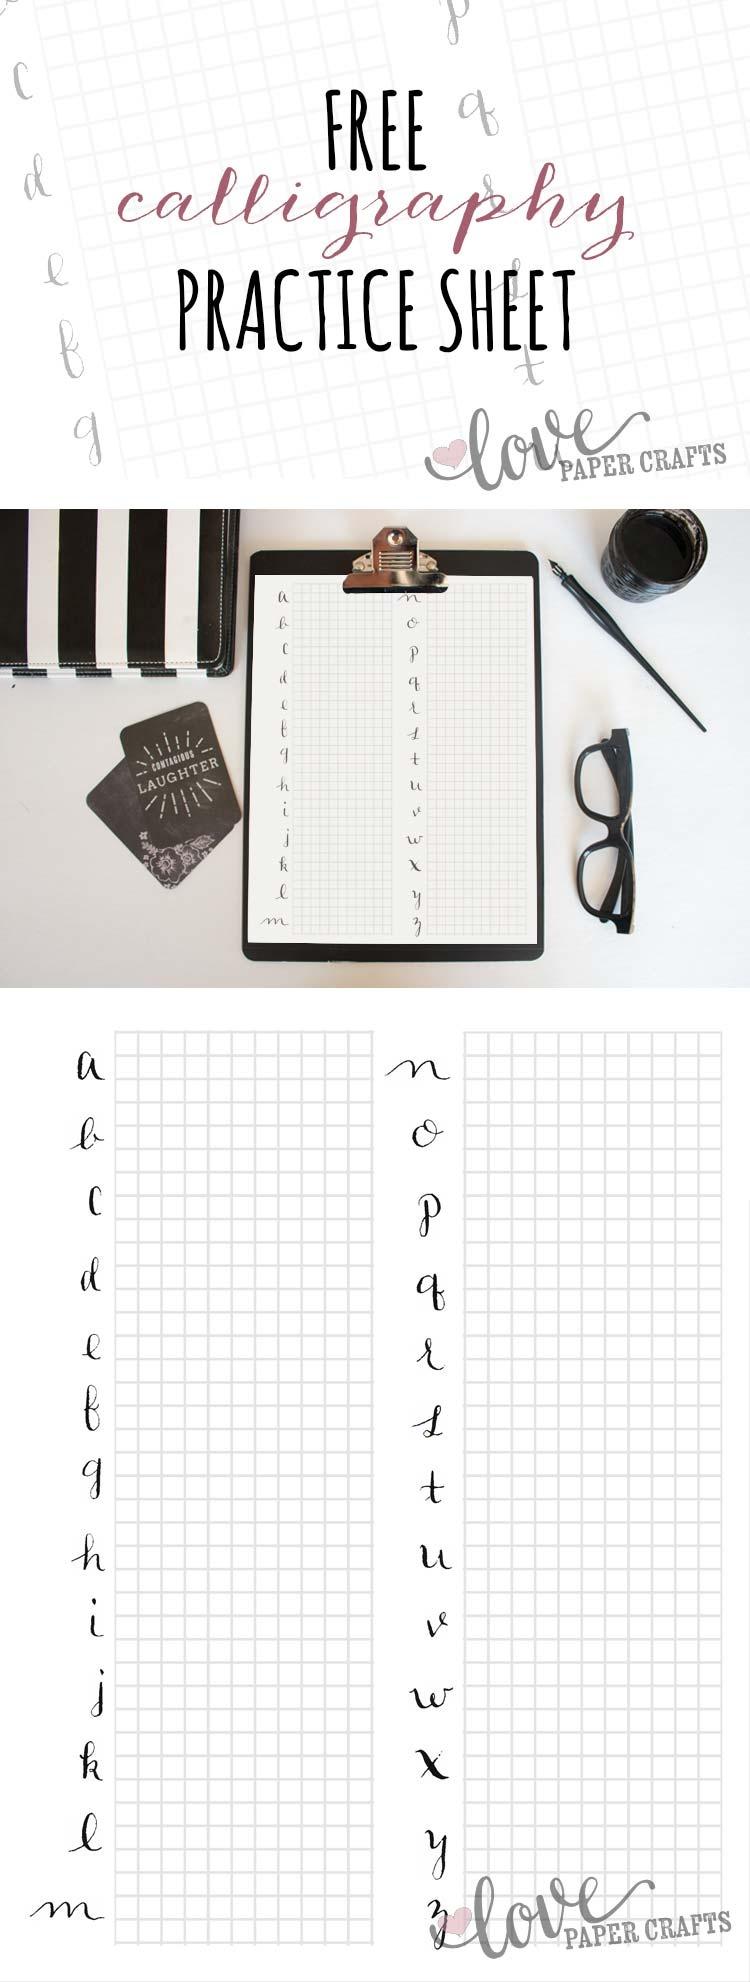 Free Printable Calligraphy Alphabet Practice Sheets - Modern Calligraphy Practice Sheets Printable Free